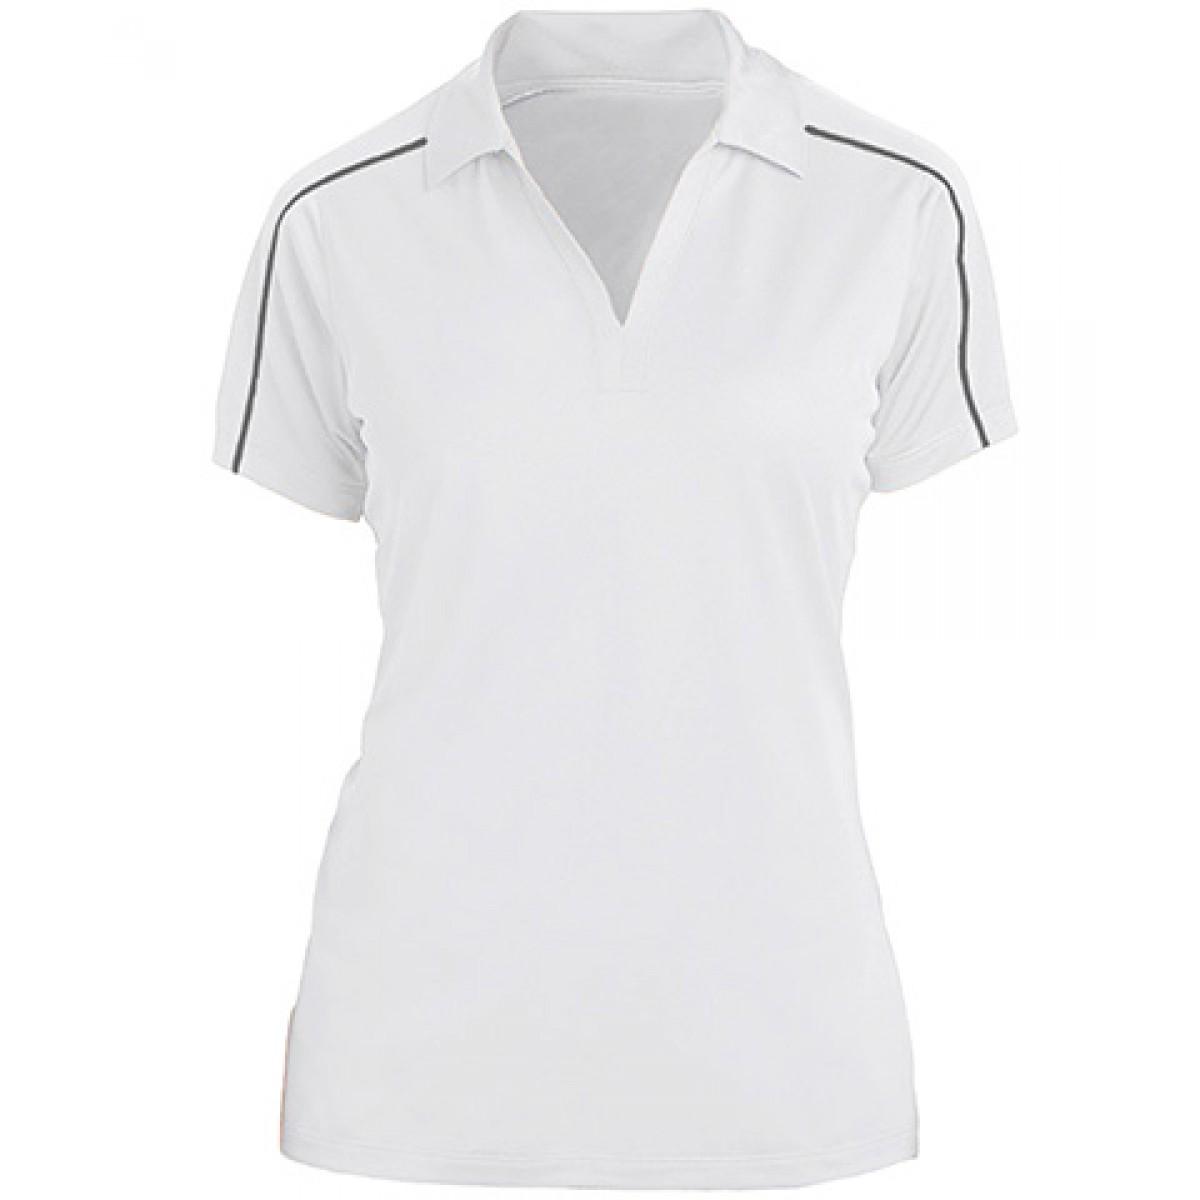 Sport-Tek Womens Piped Short Sleeve Polo -White-S